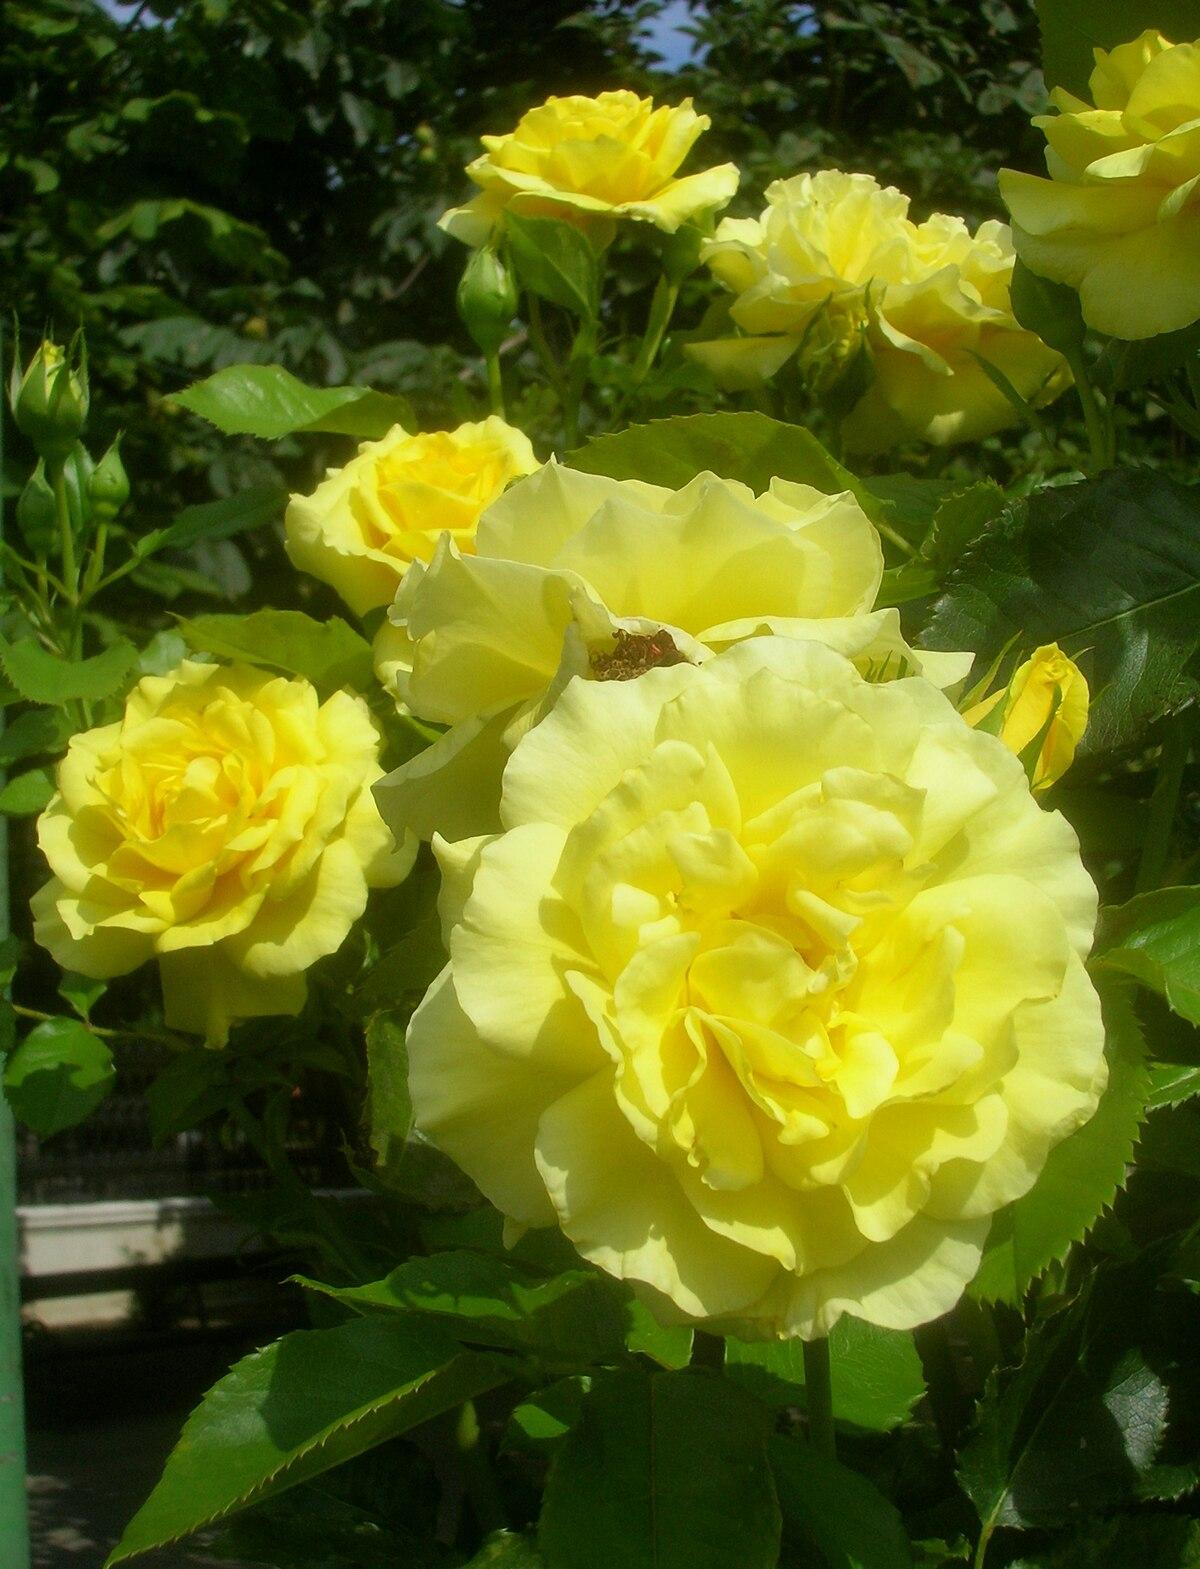 Yellow rose types